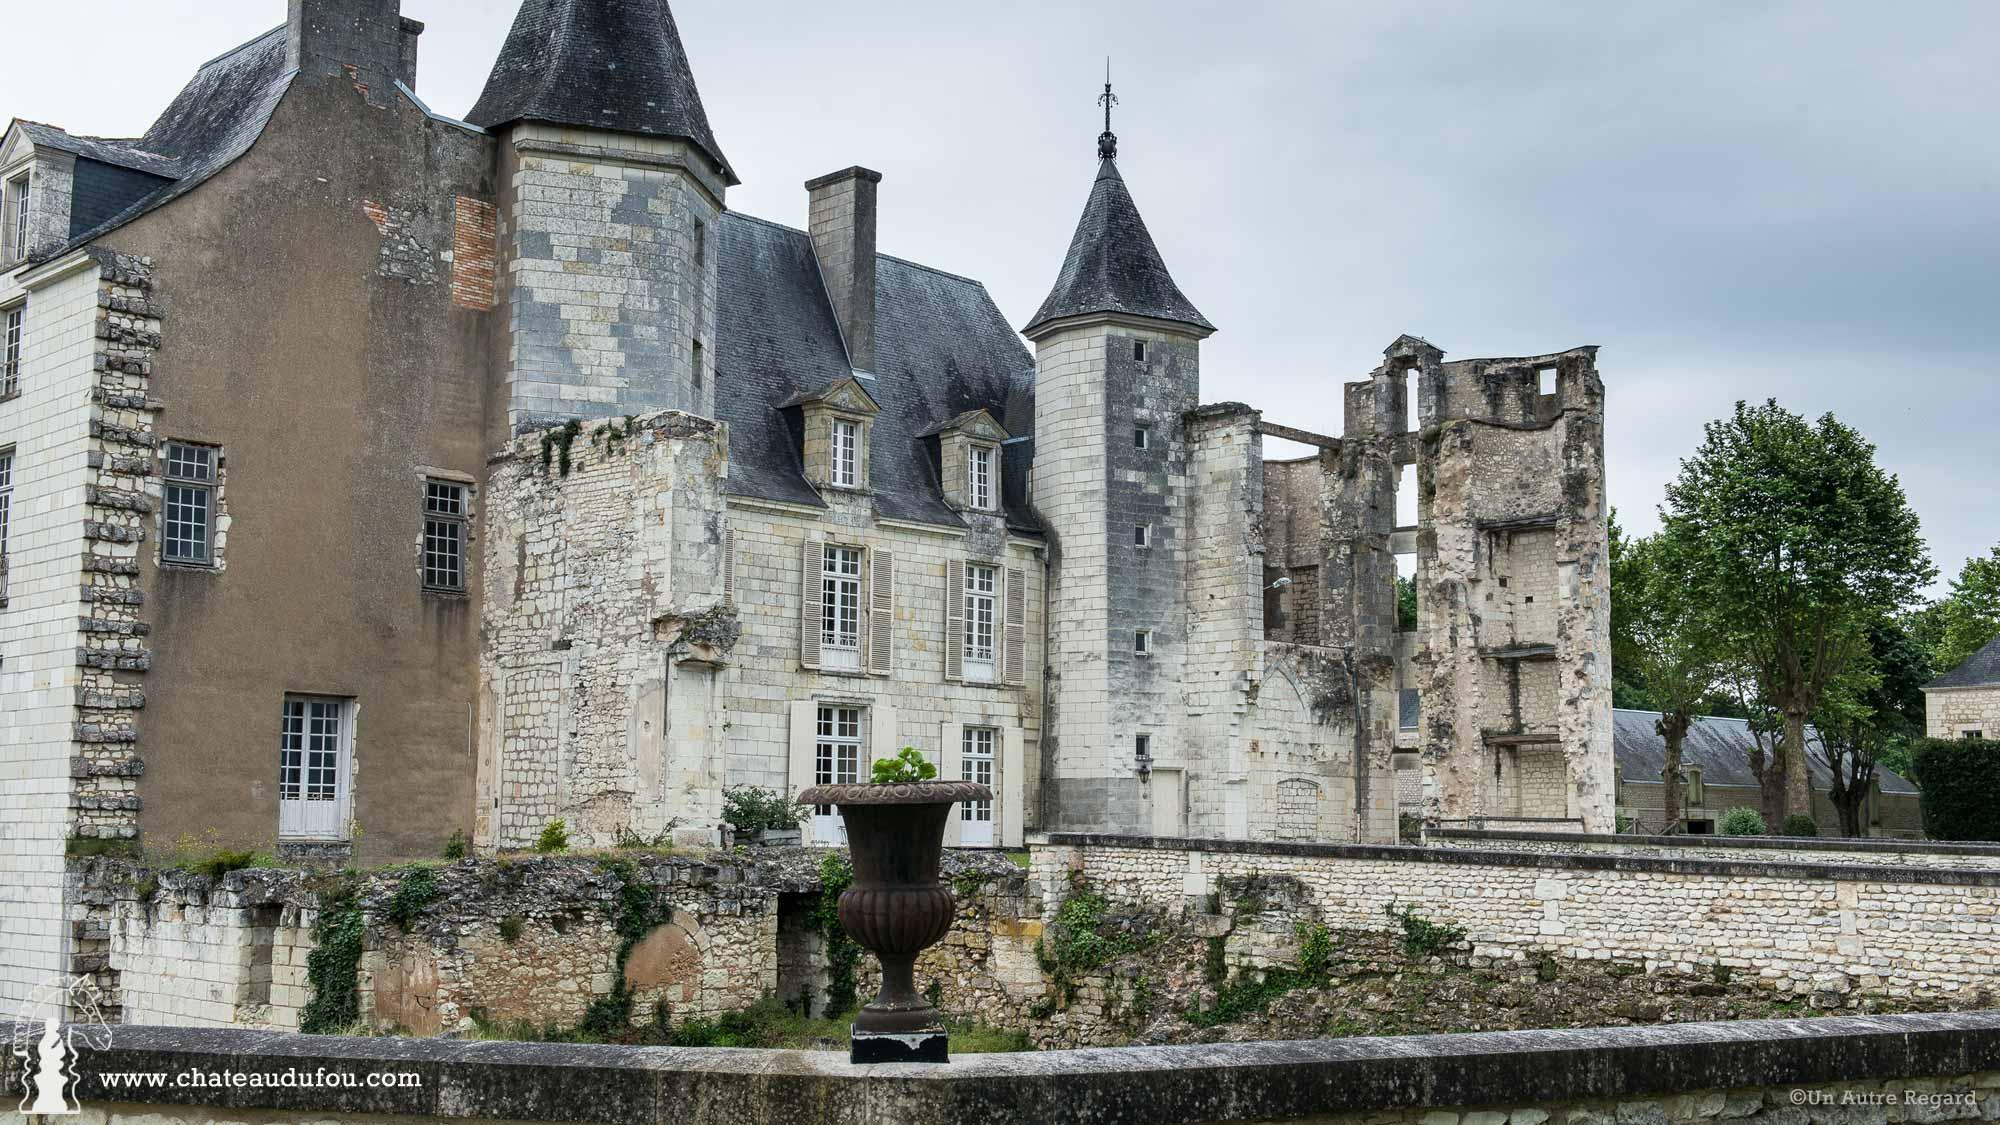 chateau-du-fou-salle-de-reception-poitiers-01.jpg